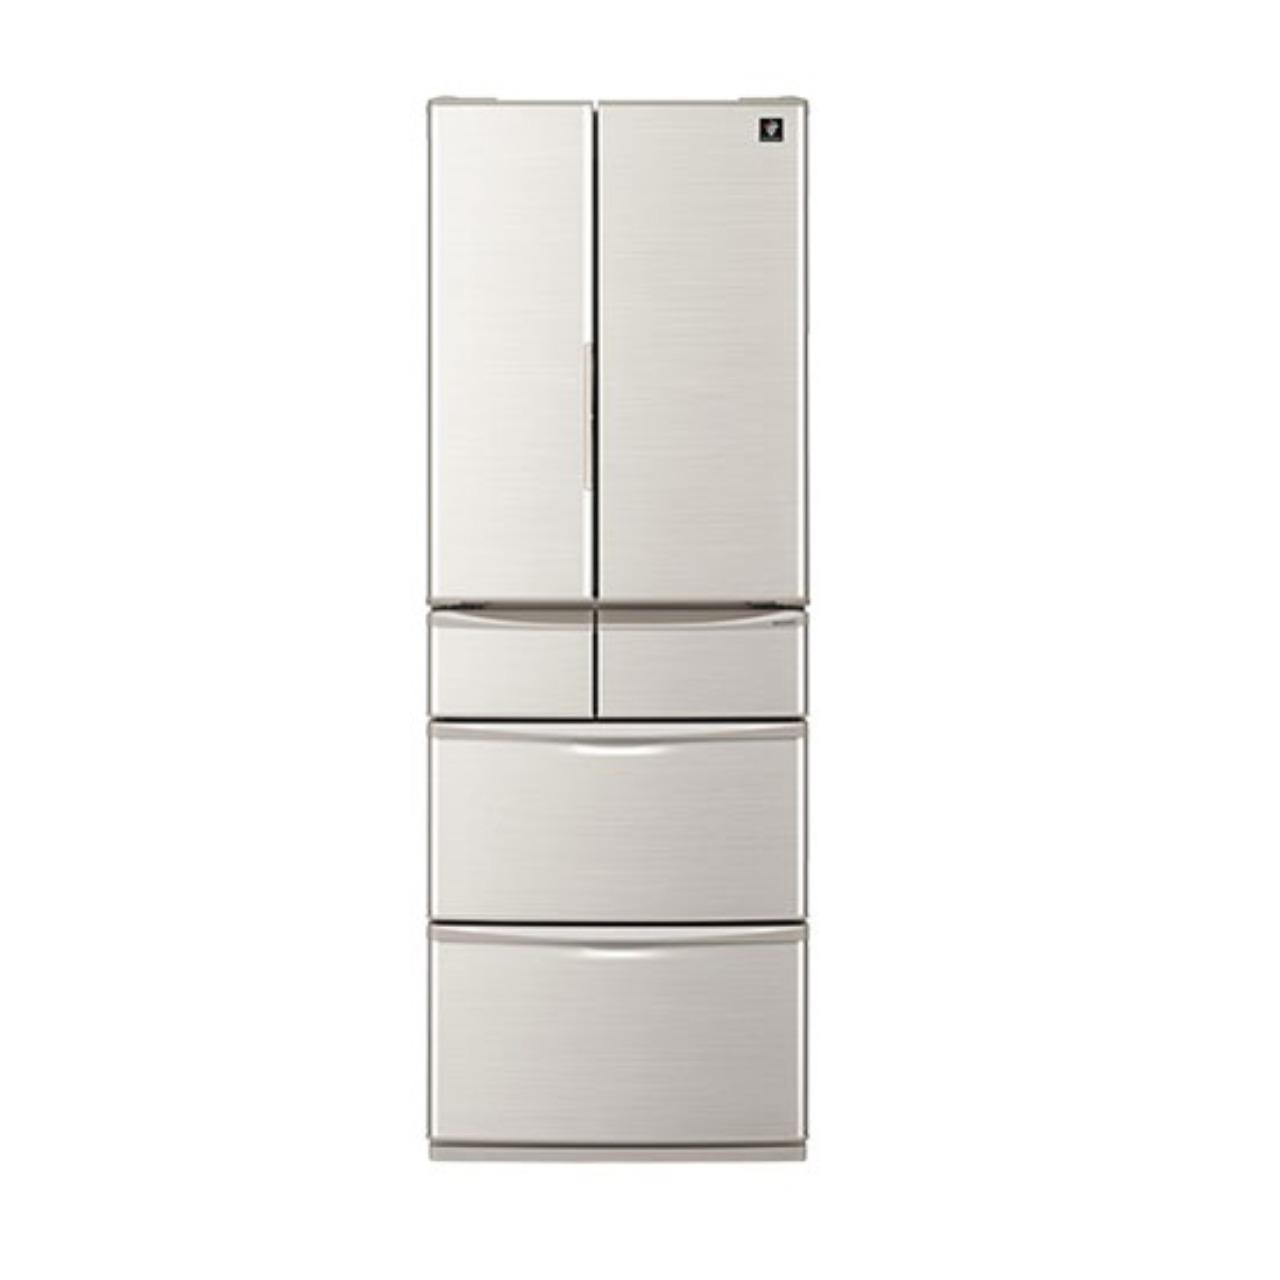 シャープSJ-F462E冷蔵庫